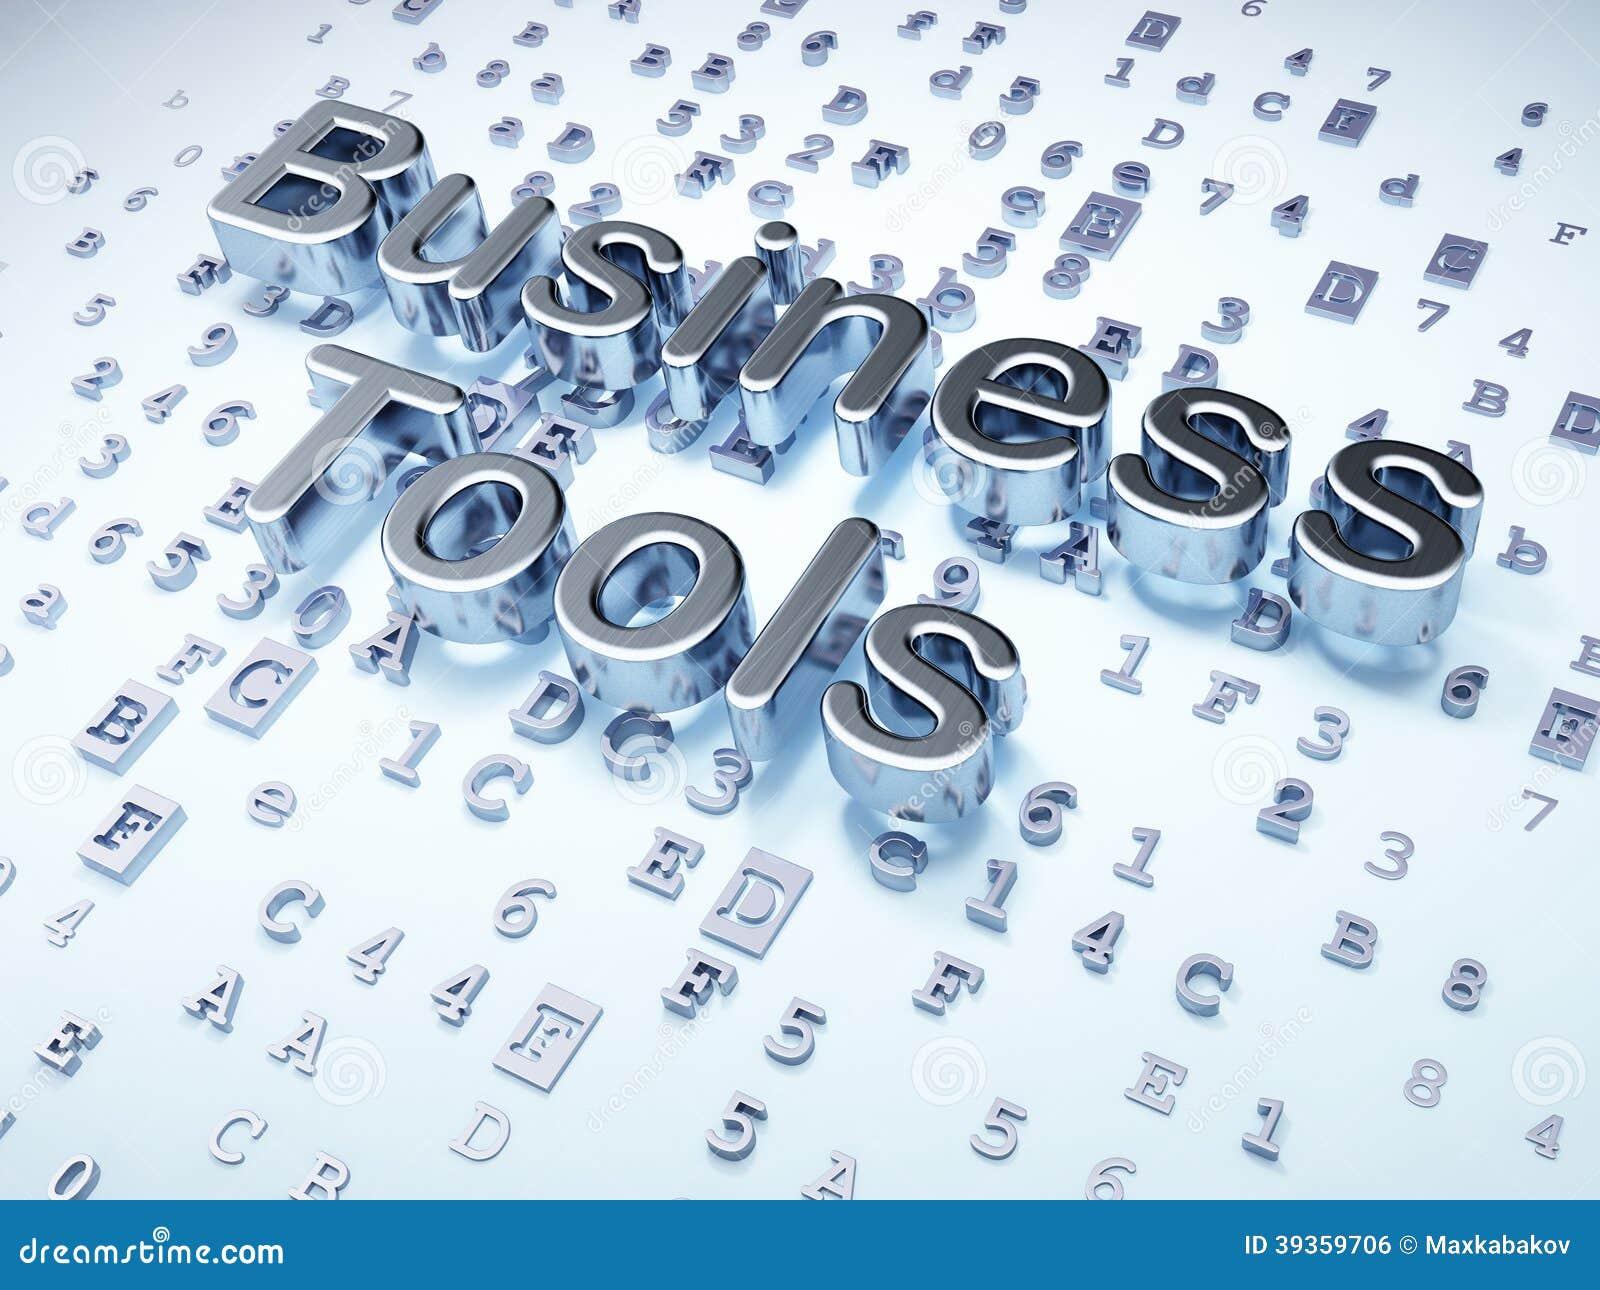 Επιχειρησιακή έννοια: Ασημένια επιχειρησιακά εργαλεία στο ψηφιακό υπόβαθρο